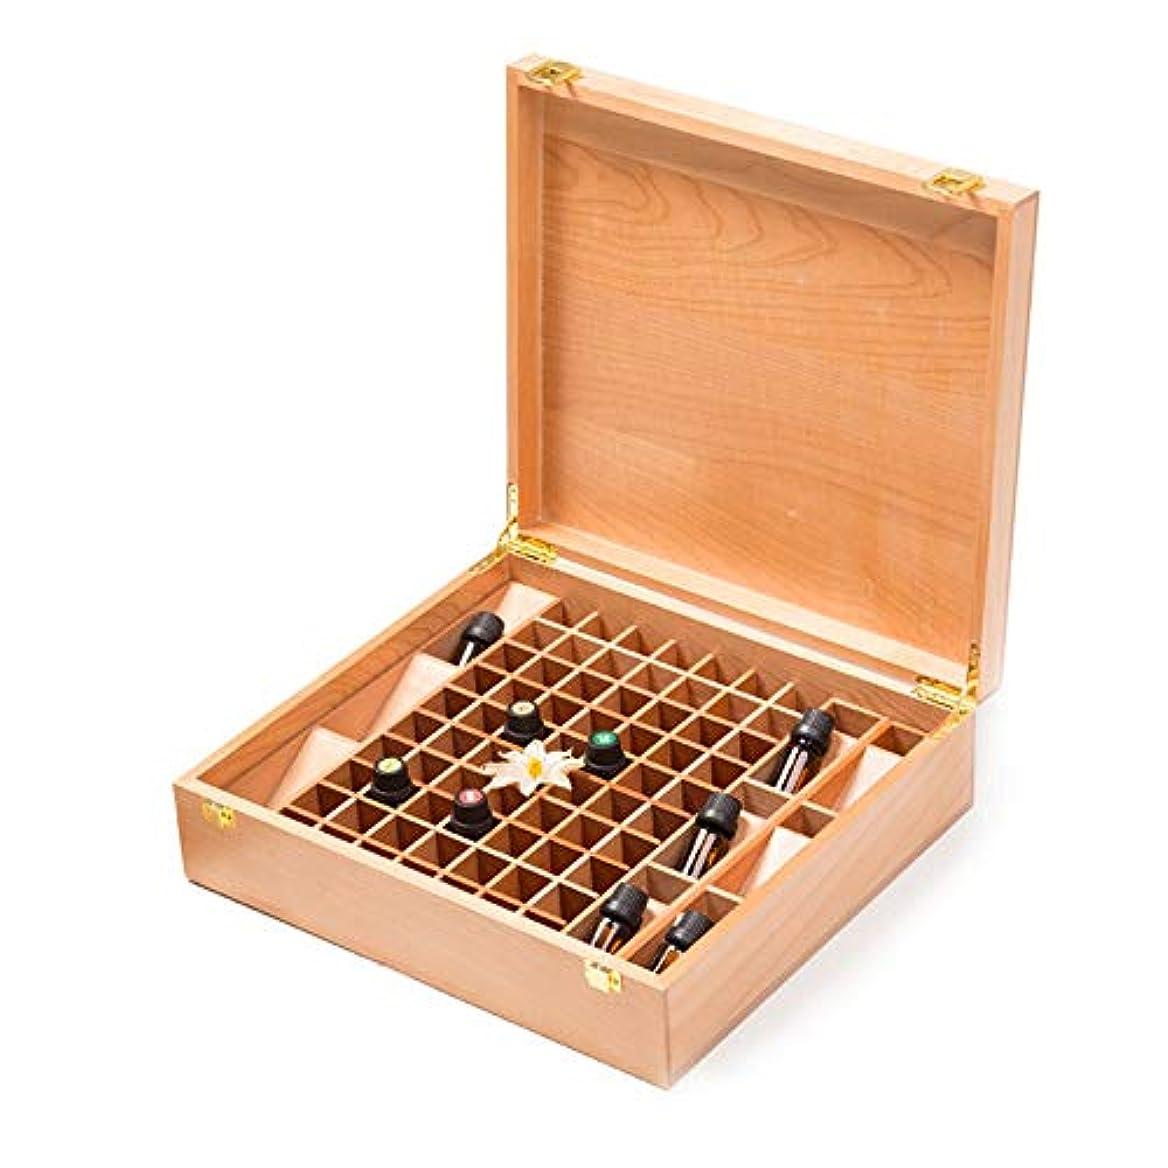 矢多分毒液エッセンシャルオイルストレージボックス 手作りの木製エッセンシャルオイルストレージボックスパーフェクトエッセンシャルオイルのケースは、70本の油のボトルを保持します 旅行およびプレゼンテーション用 (色 : Natural...